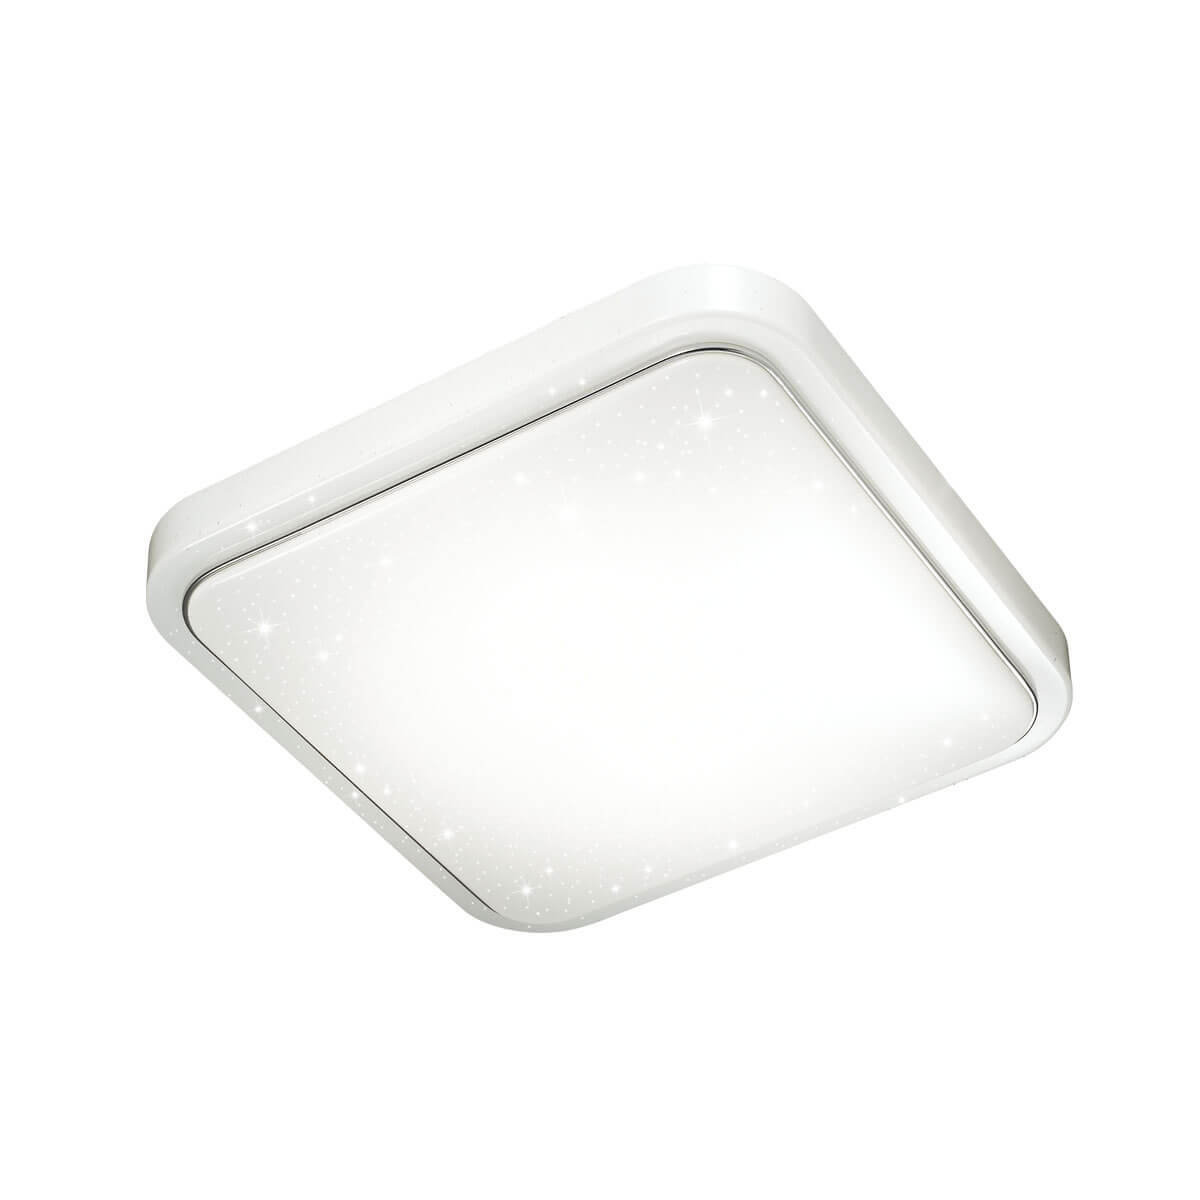 Настенно-потолочный светодиодный светильник Sonex Kvadri 2014/B цена